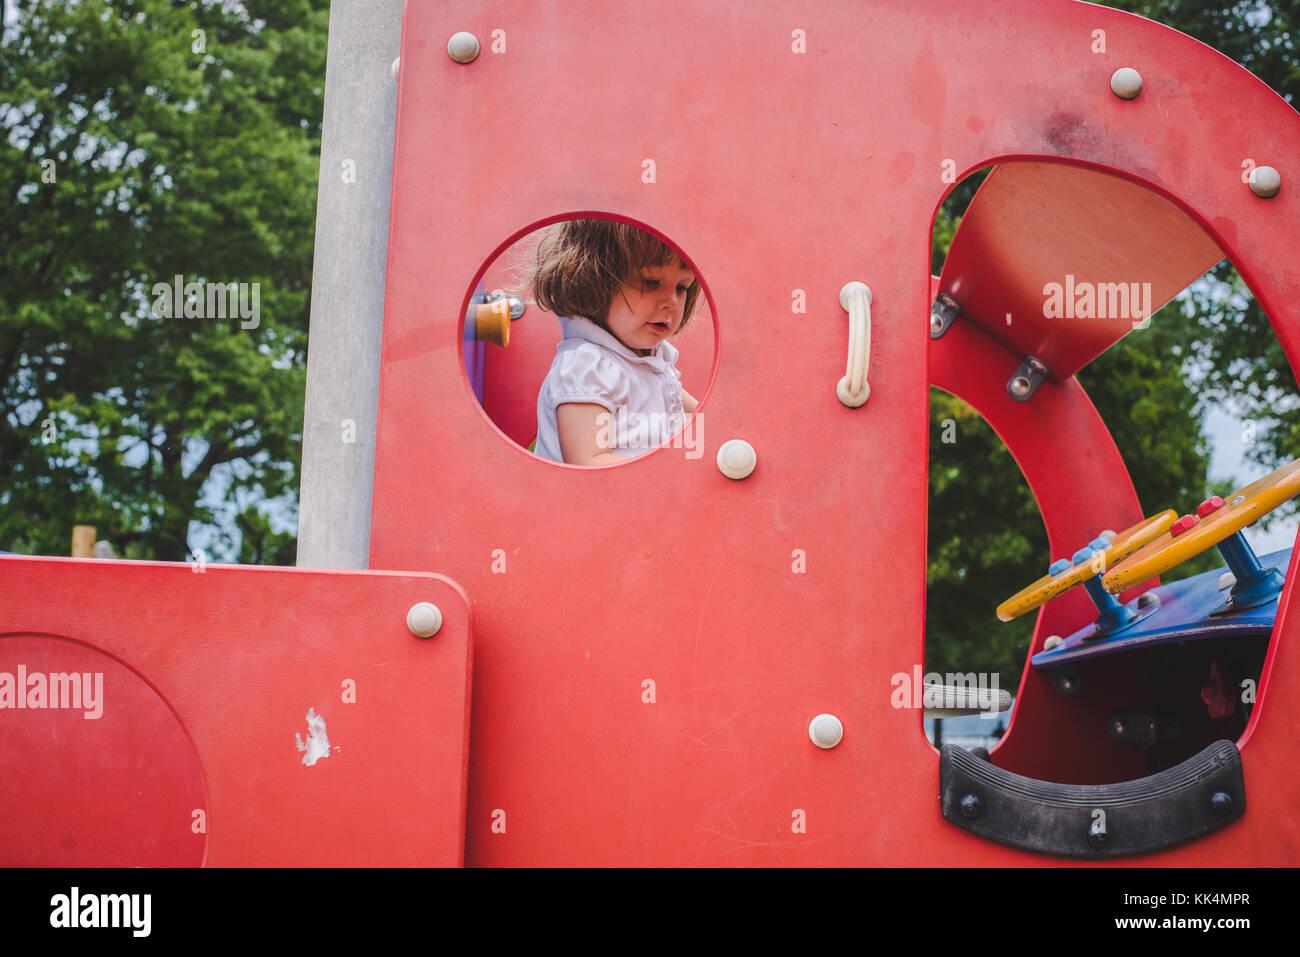 Ein kleines Mädchen klettert an Spielgeräten auf Sommer Tag Stockbild